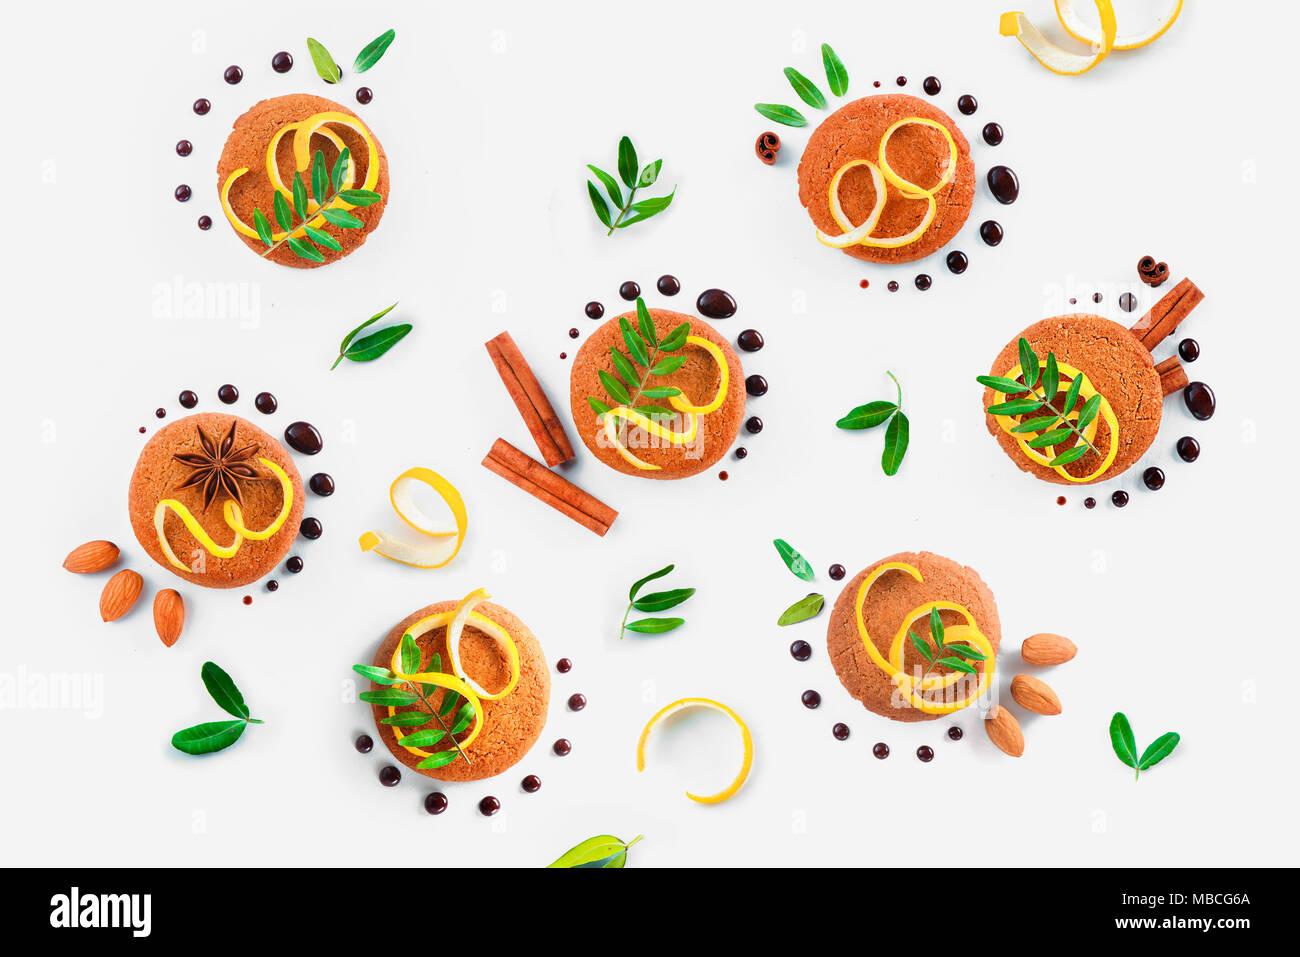 Il cibo stile suggerimenti modello realizzato di biscotti, cioccolato e swooshes anelli, la cannella e la scorza di limone e foglie verdi. Cookie concetto di decorazione Immagini Stock